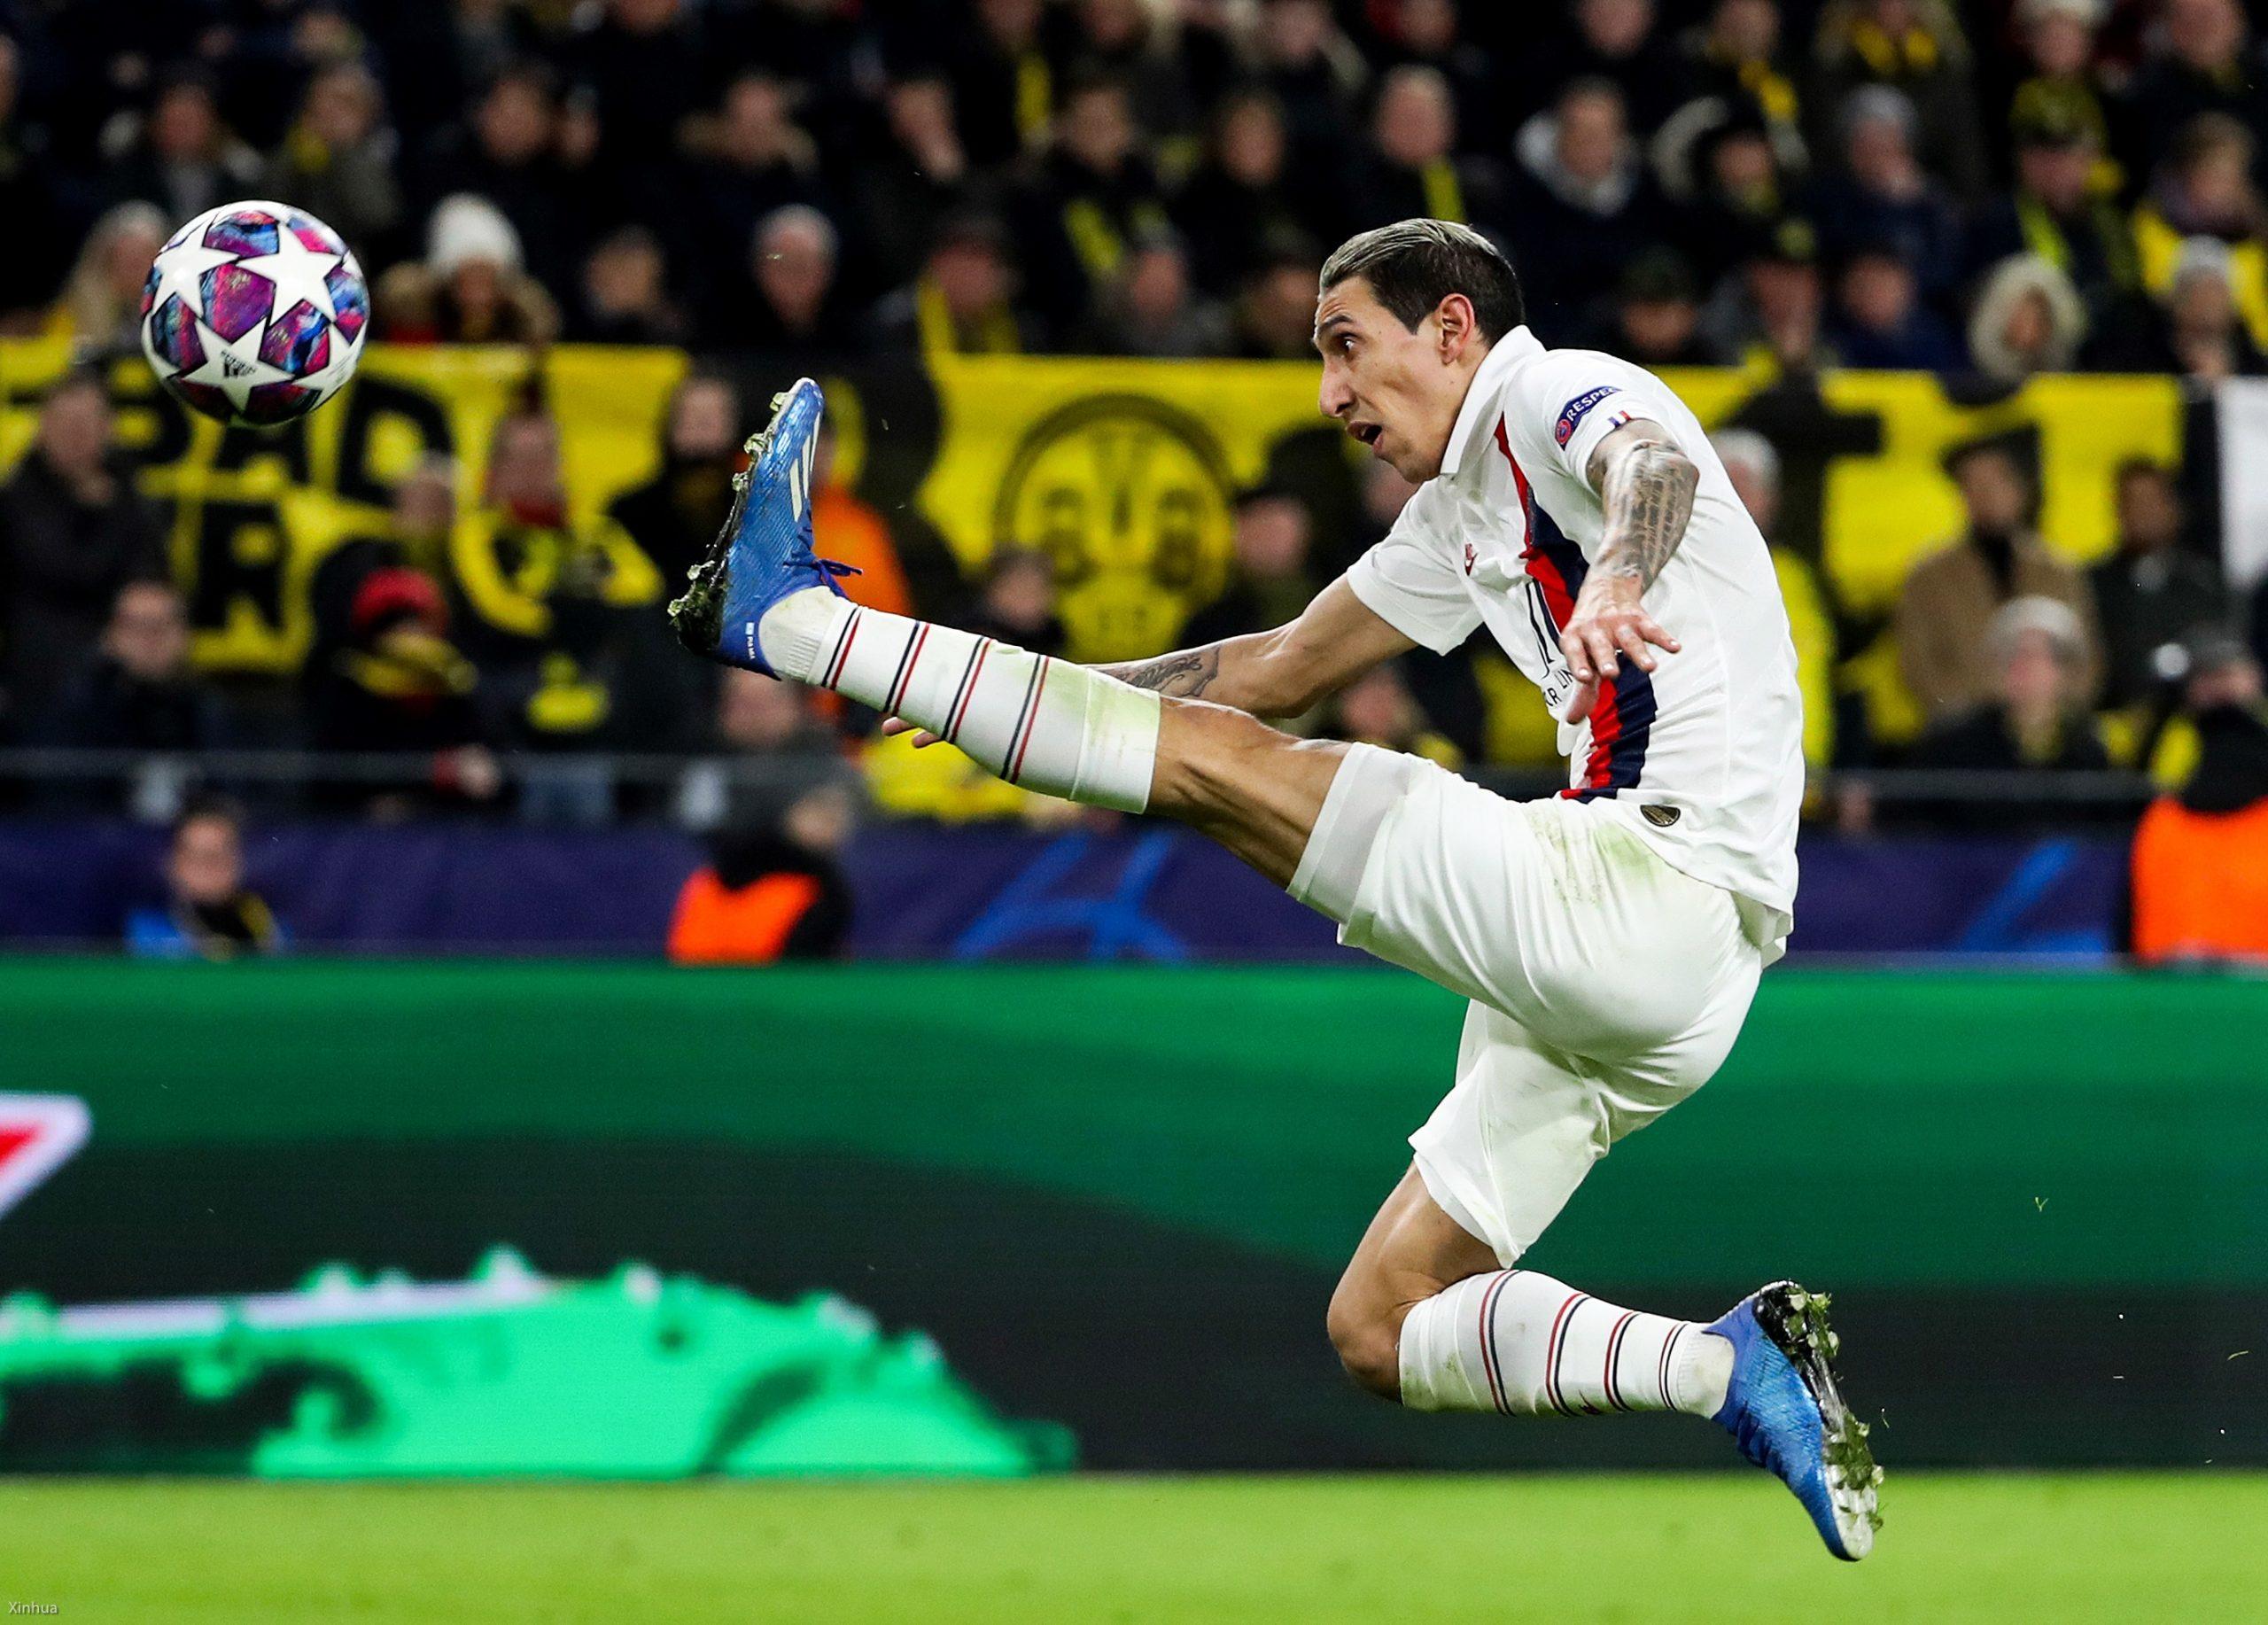 Di Maria évoque les ambitions du PSG et l'espoir de gagner la Ligue des Champions «avant de partir»